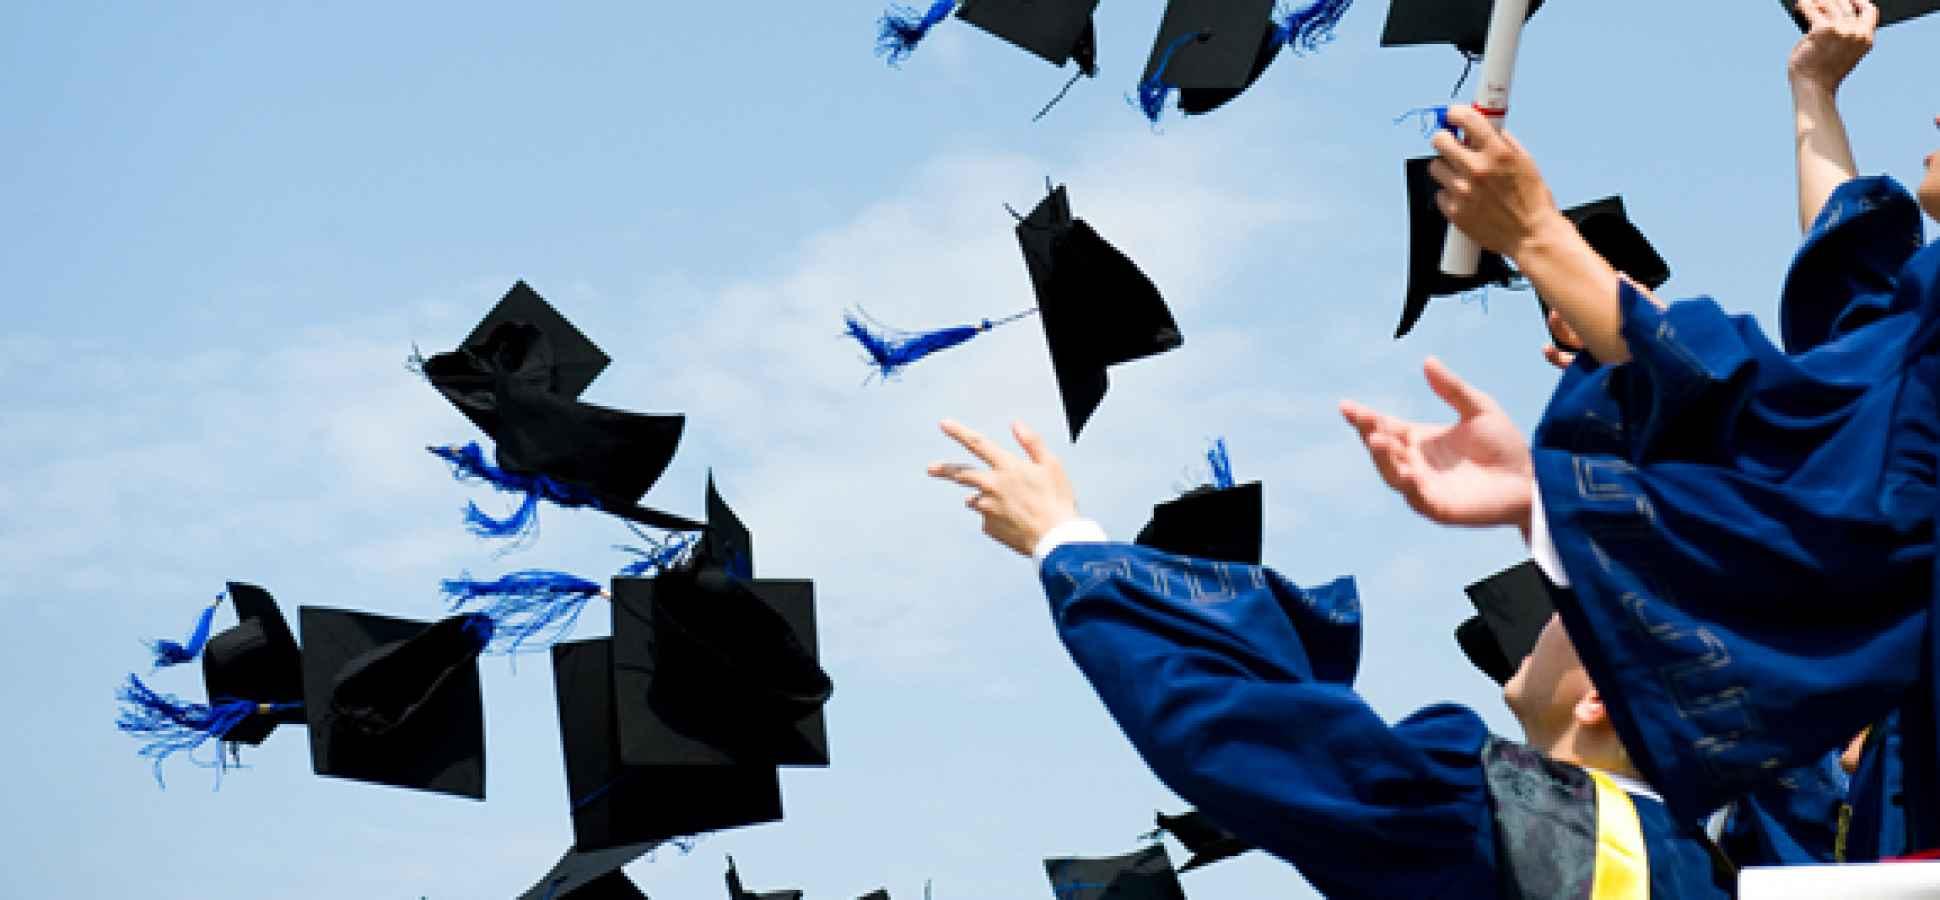 6 Start-Ups Tackling the Student Loan Crisis